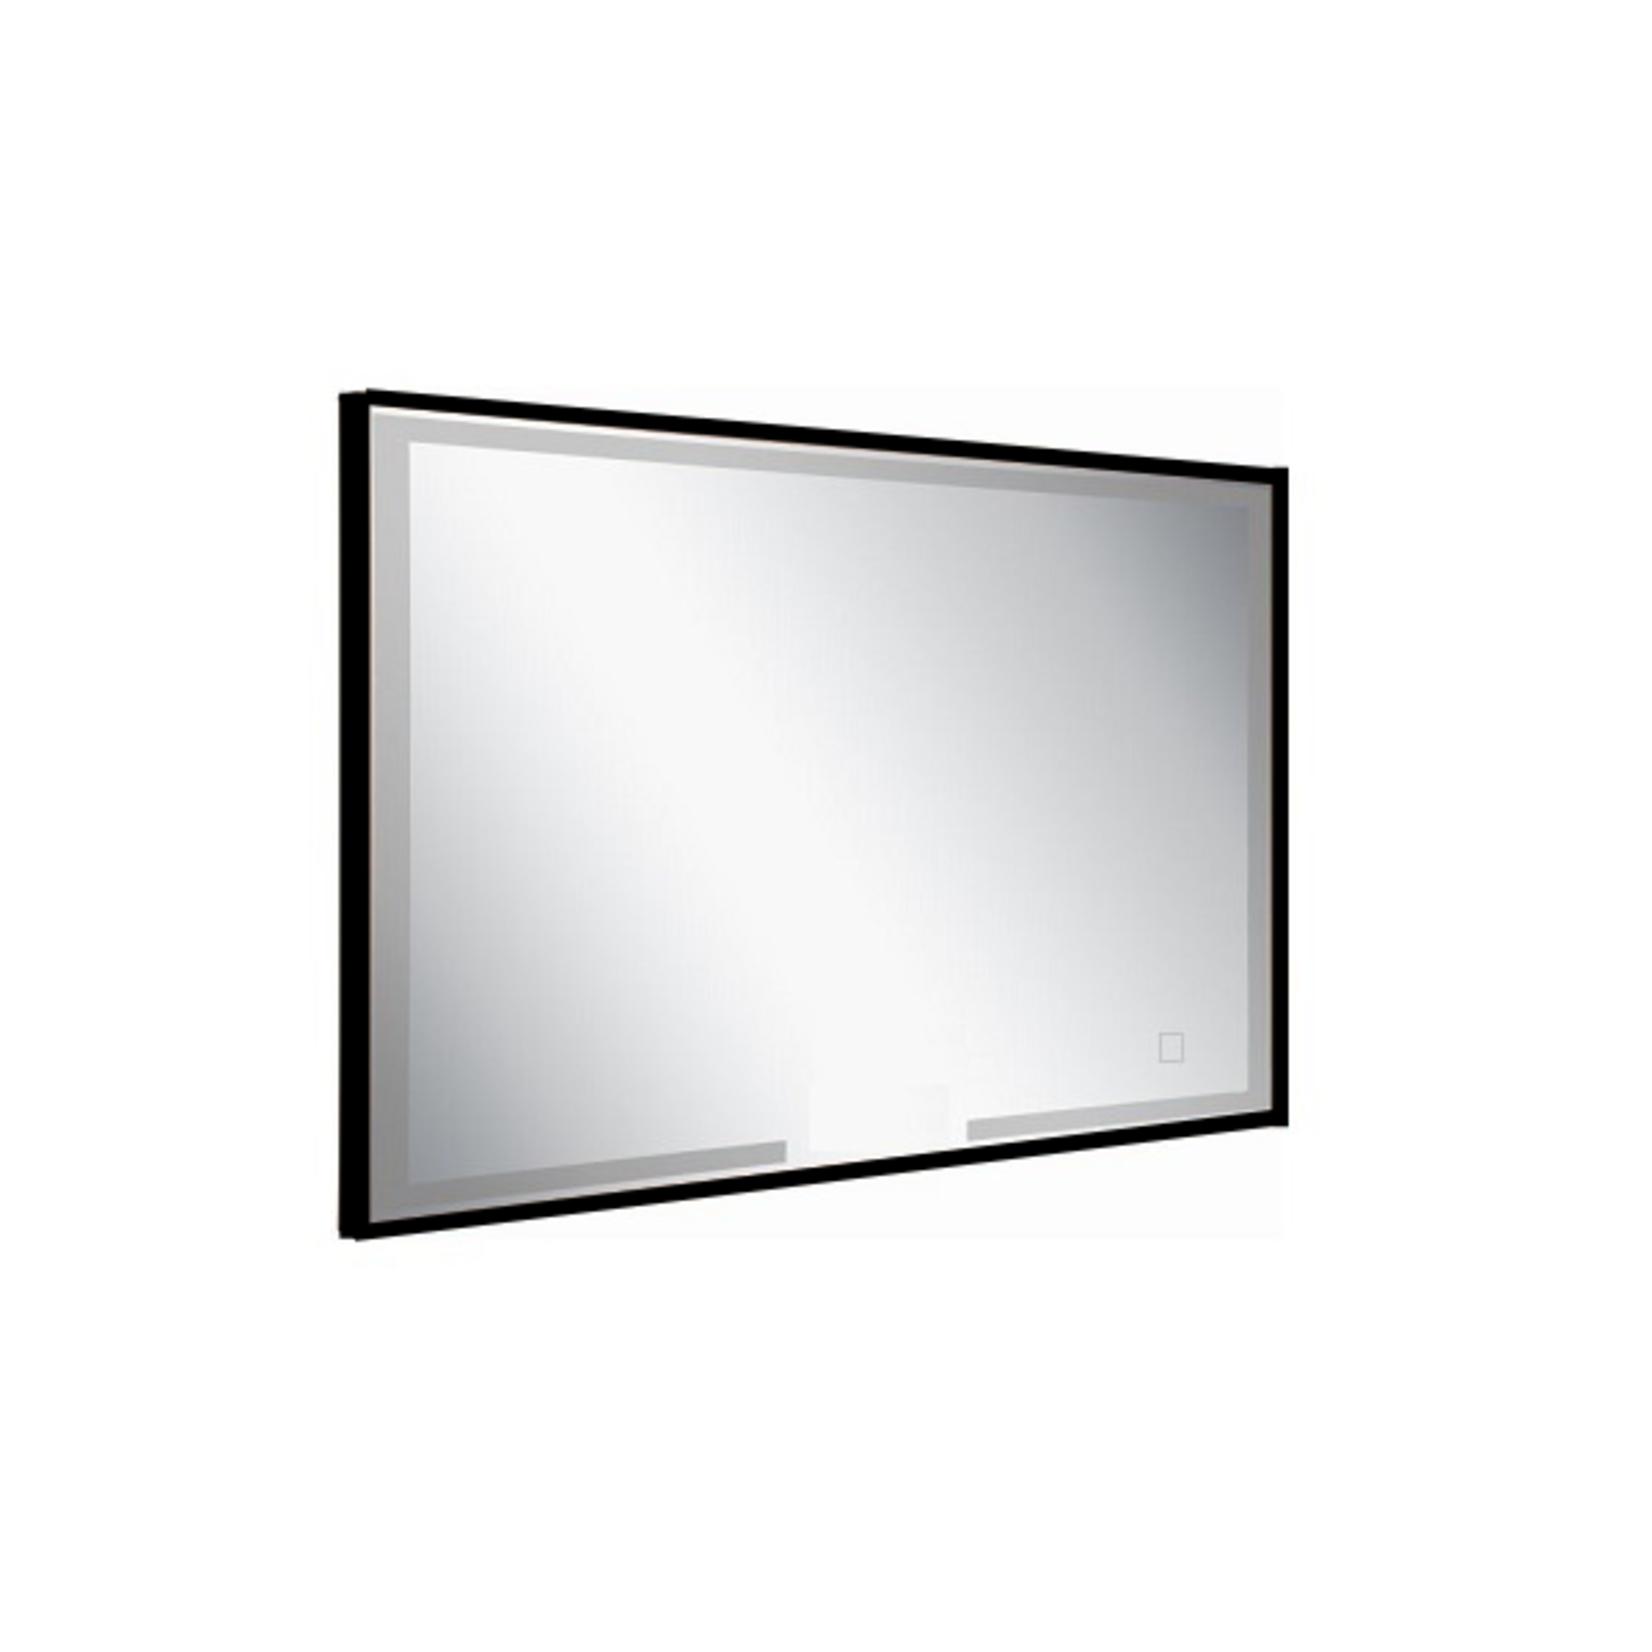 Miroir LED rectangulaire avec bordures noires